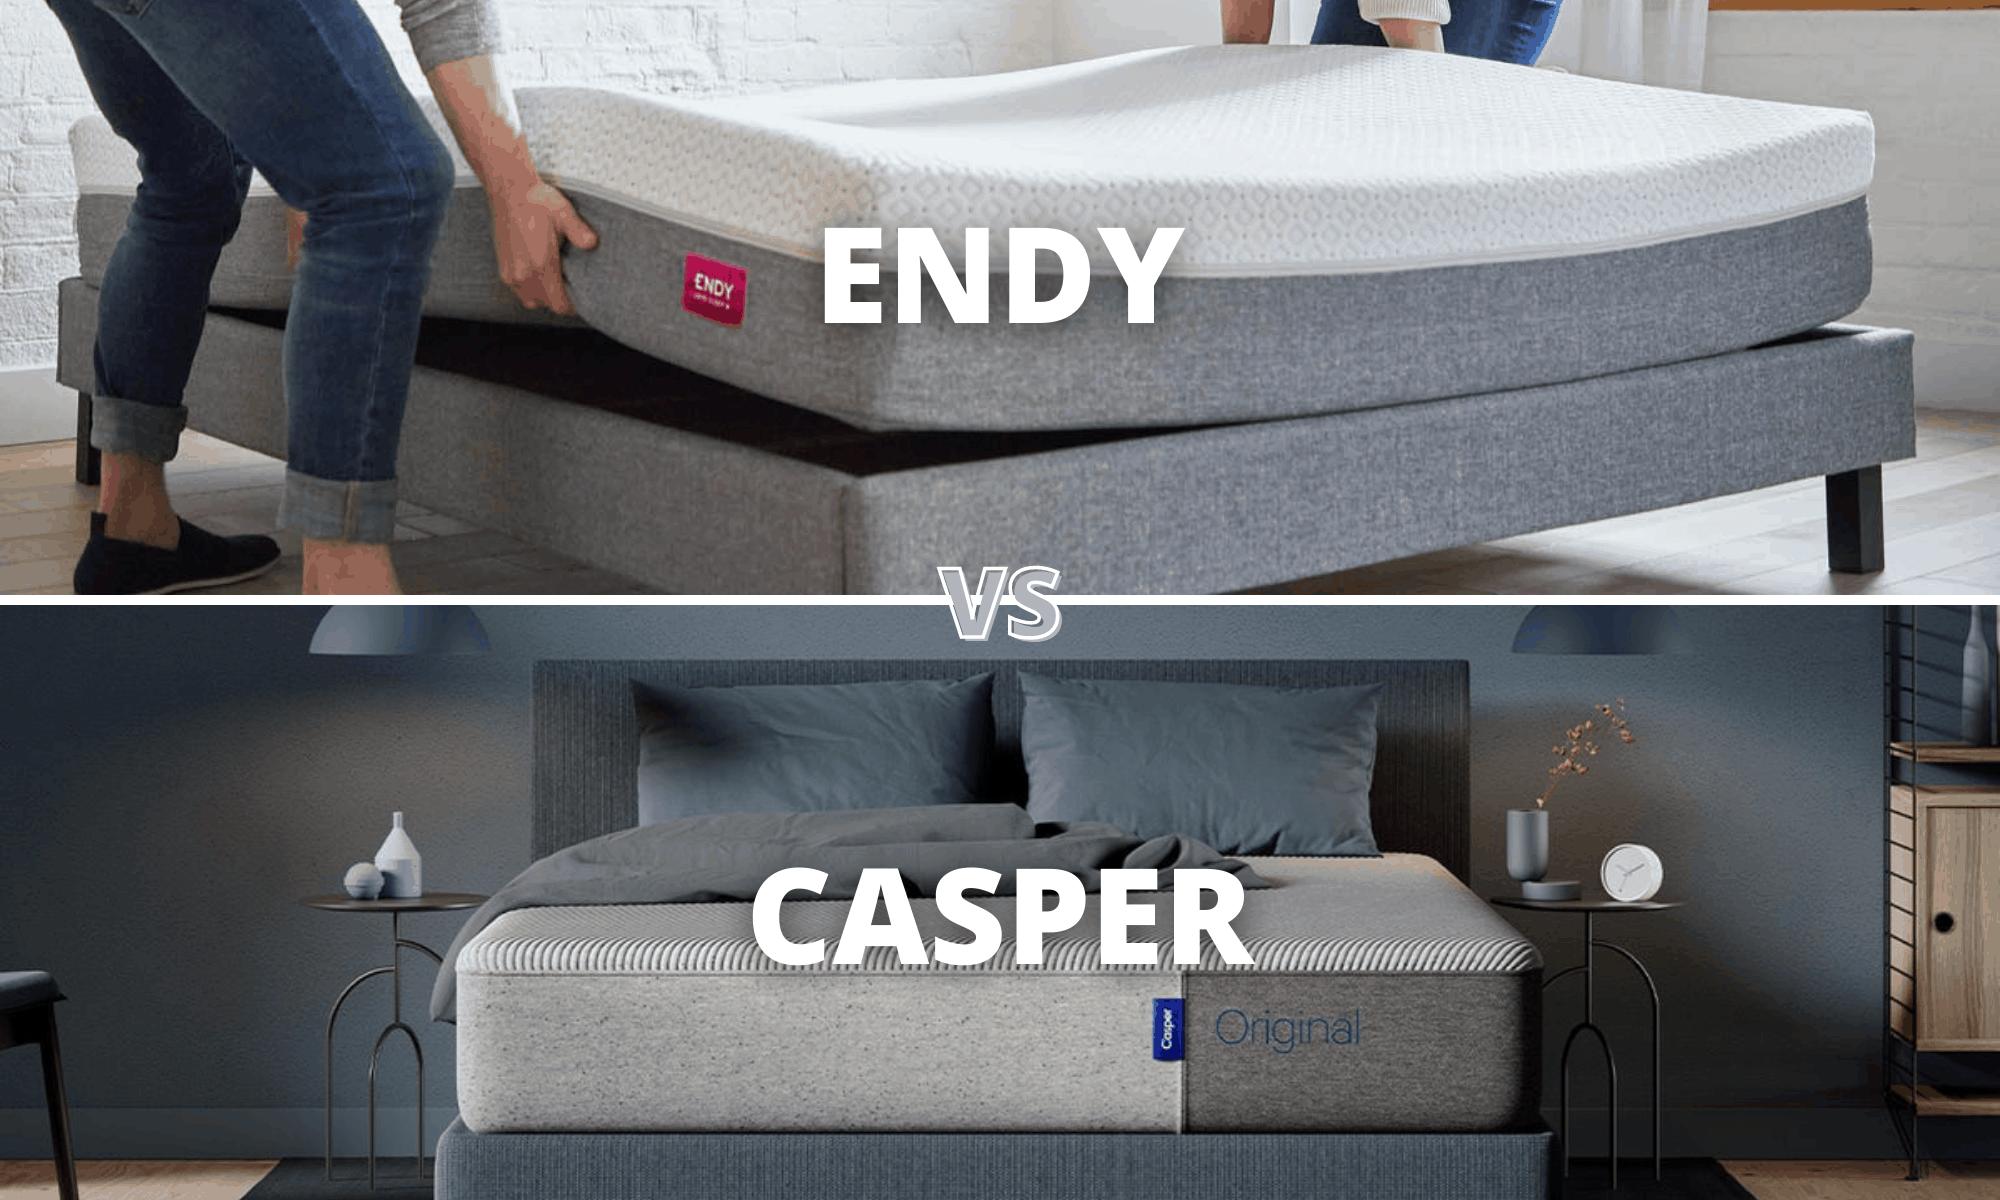 Endy Vs Casper Mattress Canada 2021 Comparison Review